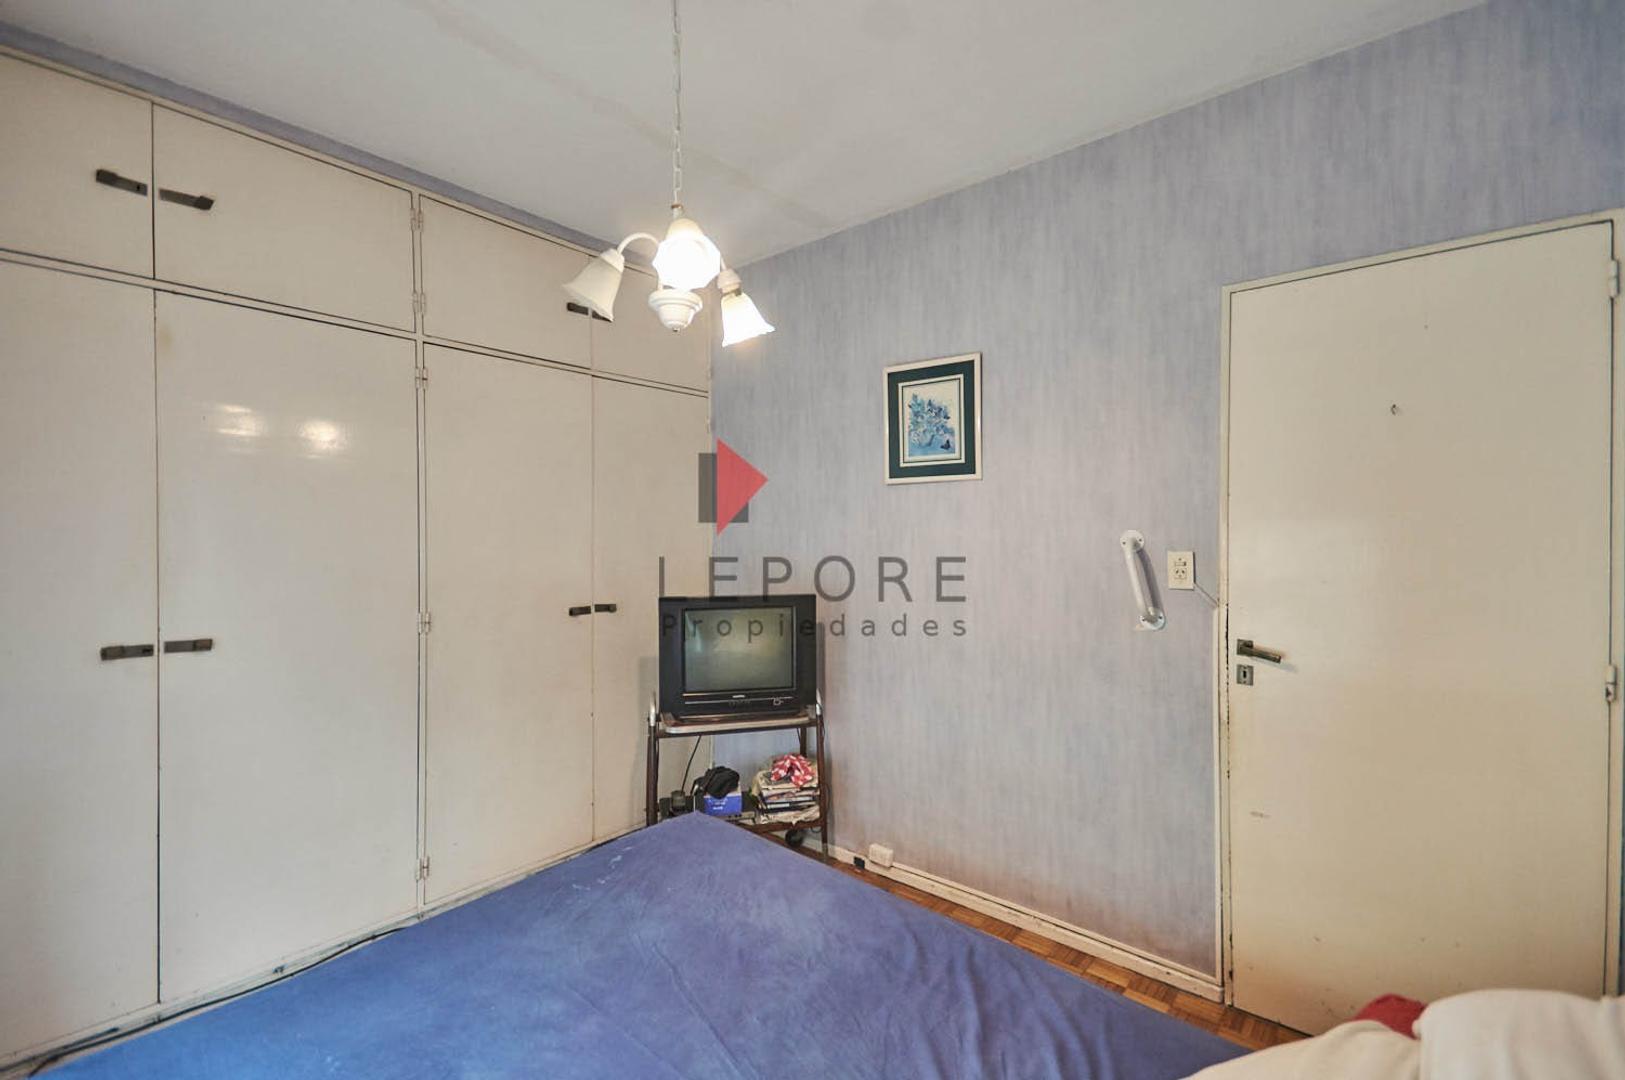 3 ambientes en venta LEPORE - Foto 15